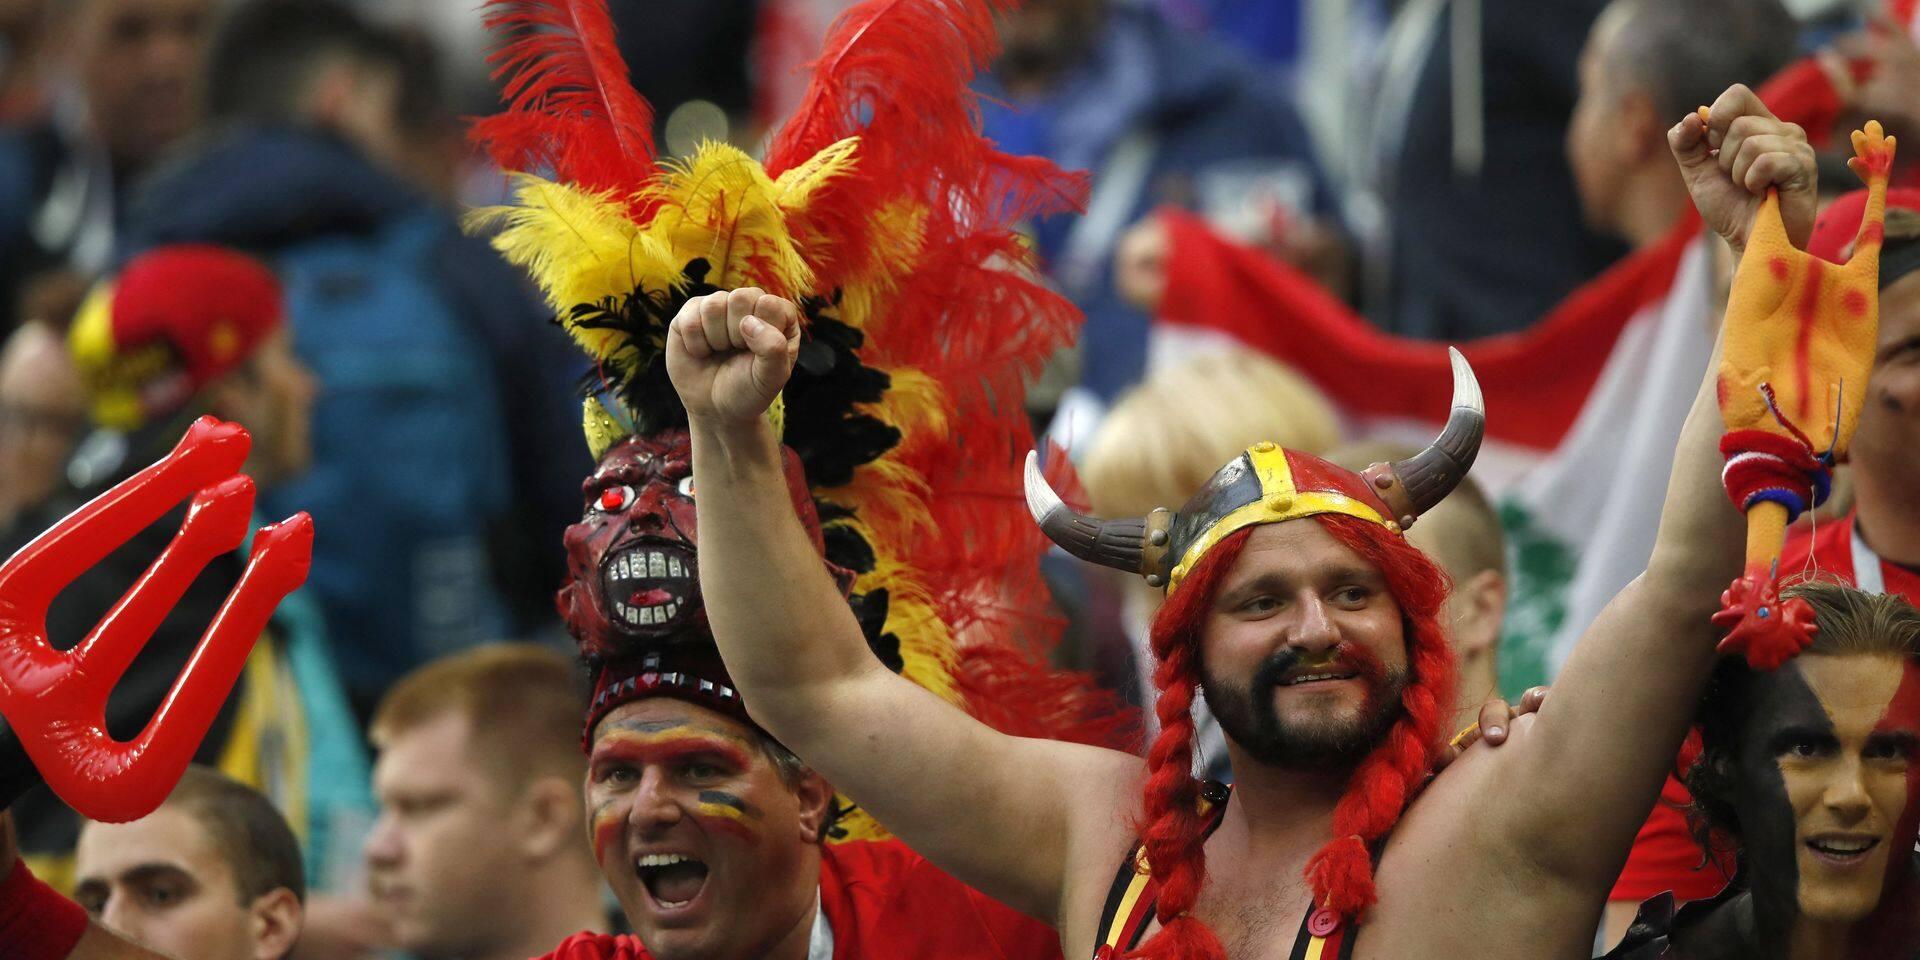 À un mois du début de l'Euro, aucun supporter belge n'est assuré d'avoir son ticket